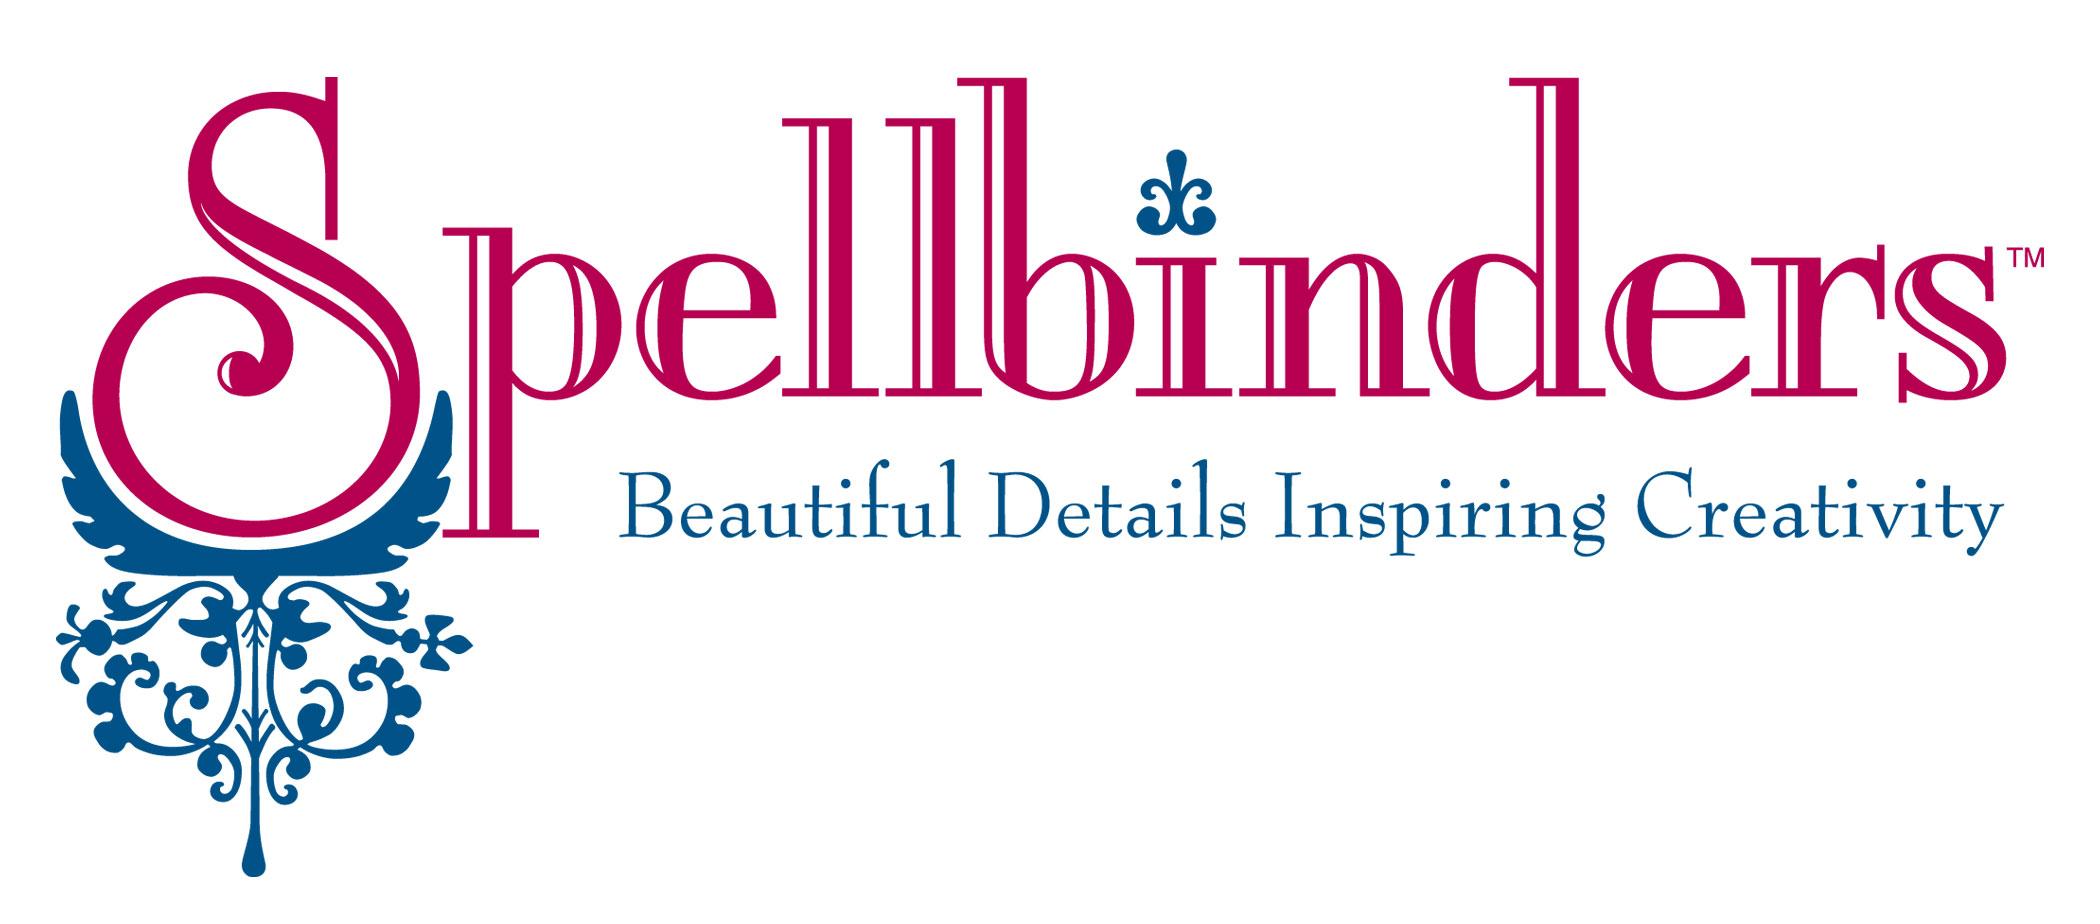 Spellbinders-logo-300-dpi